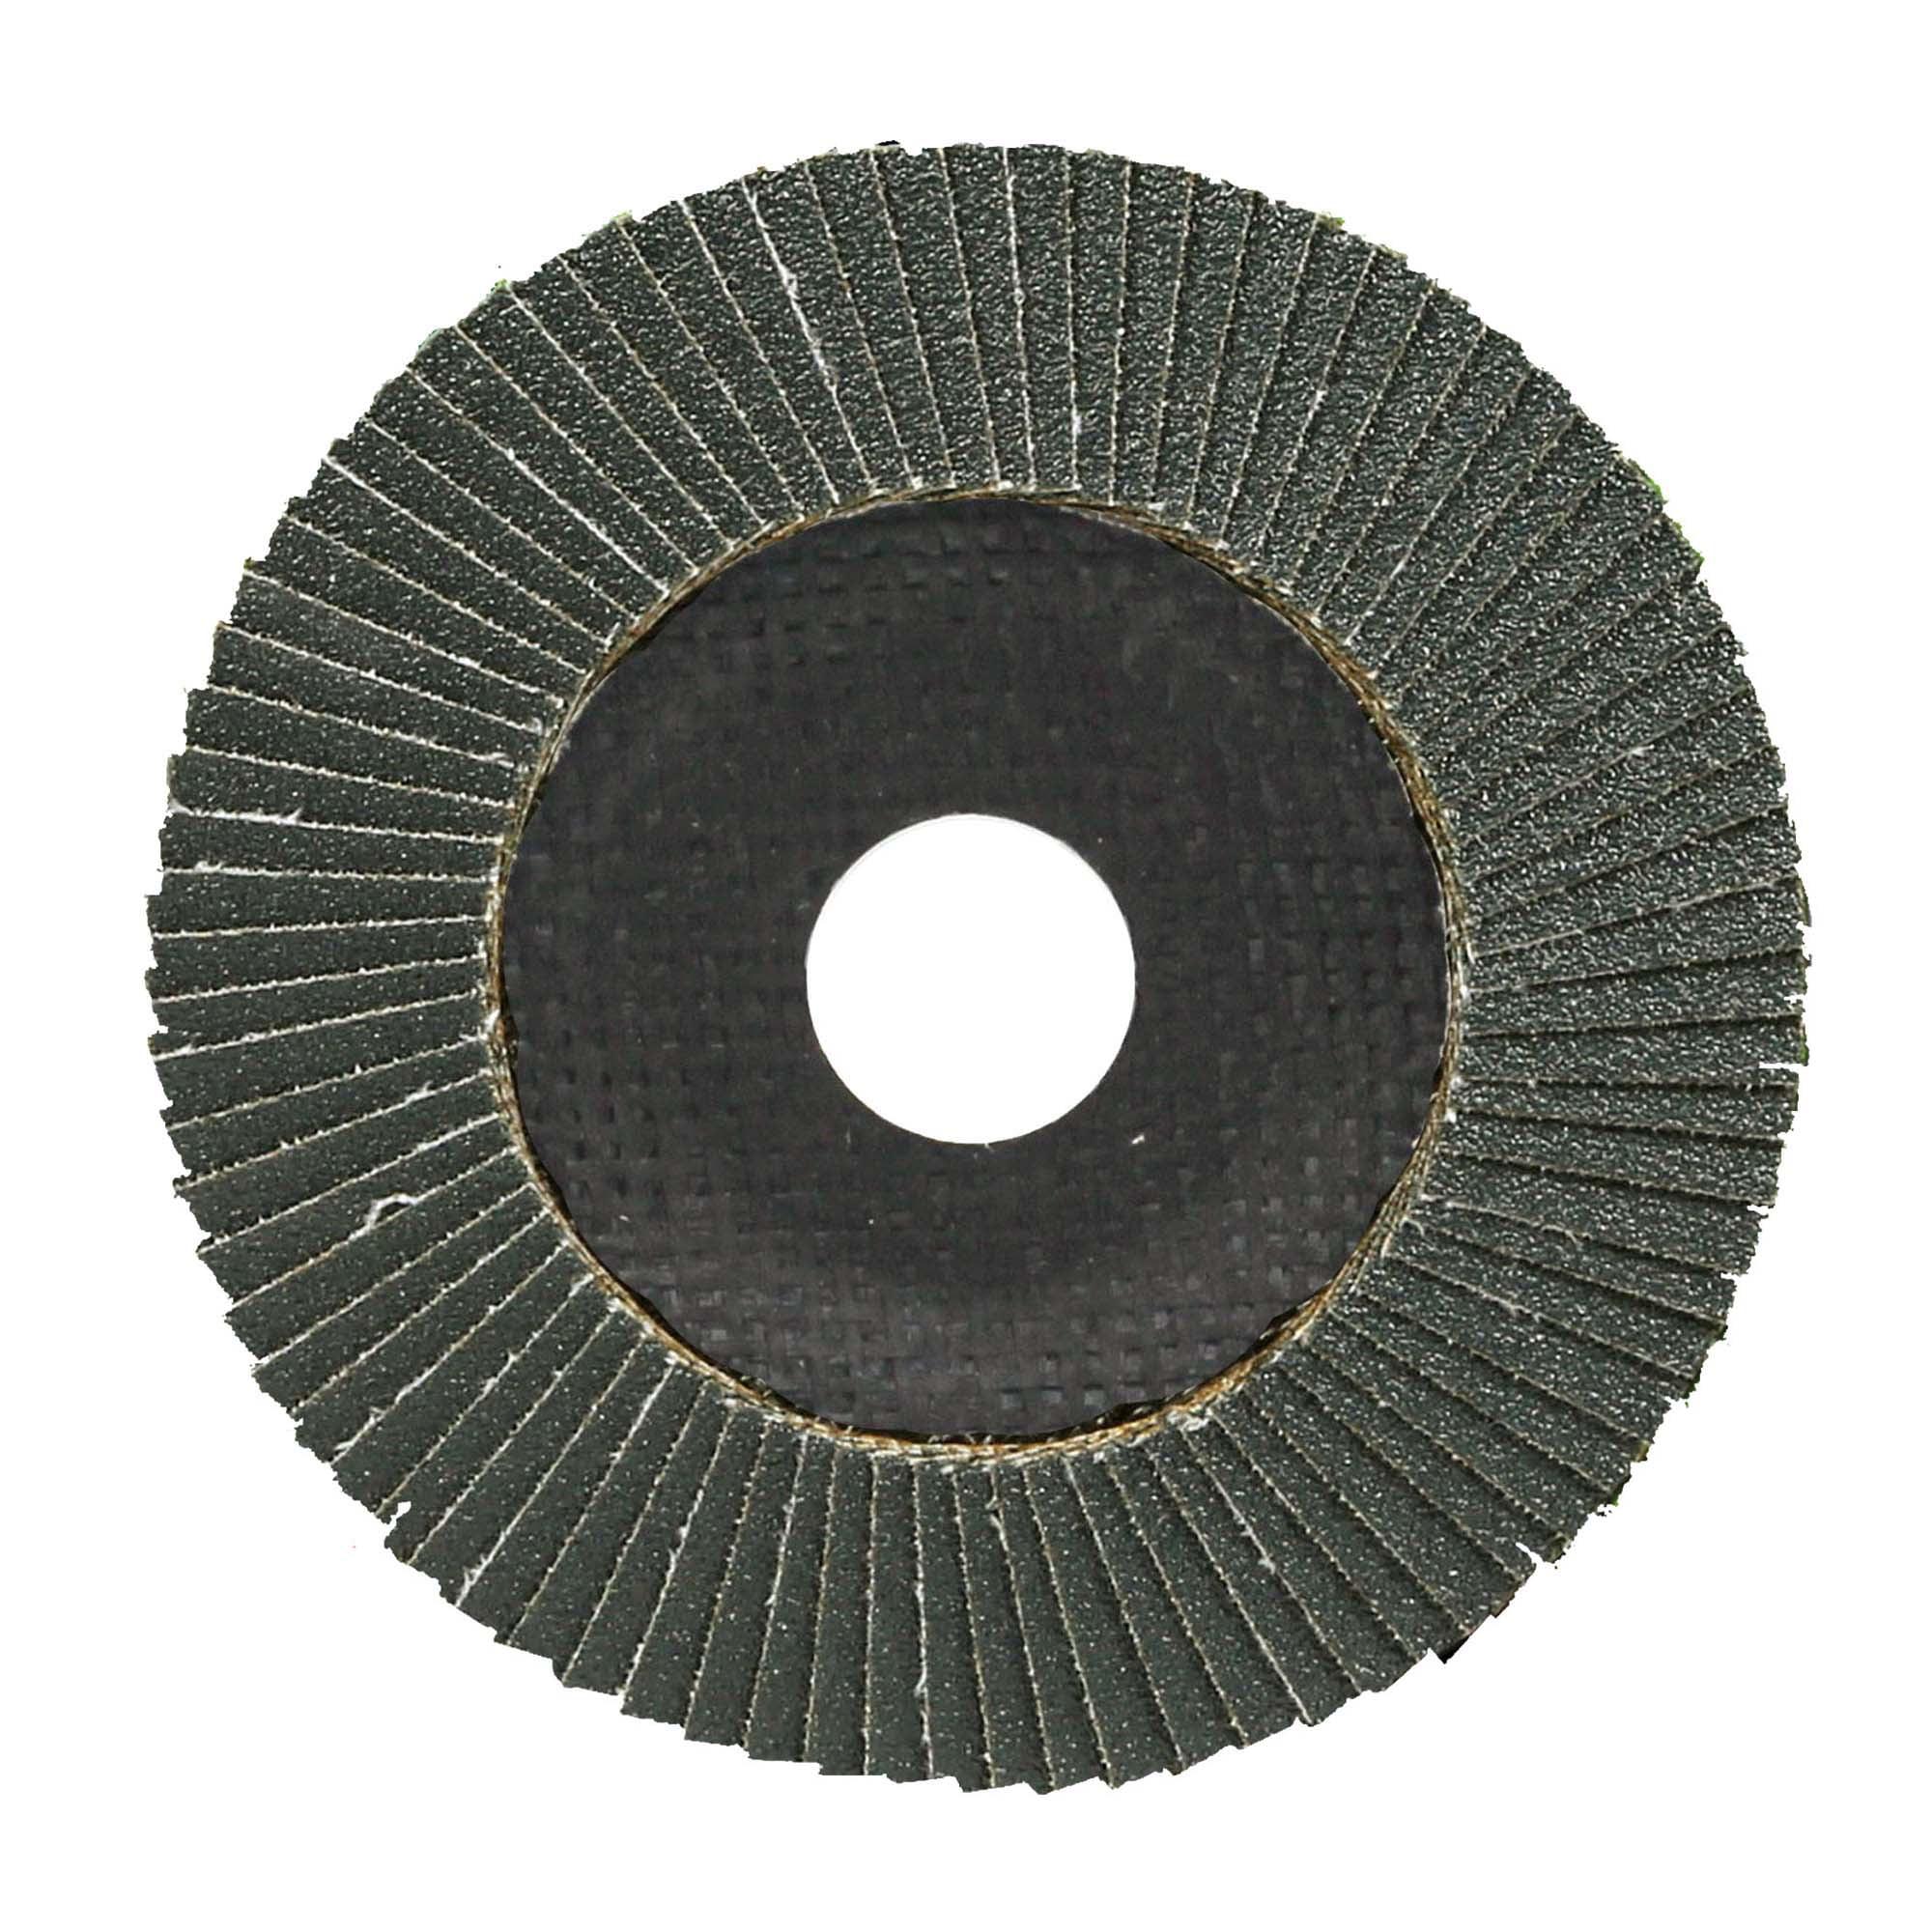 Gator Finishing 4142 80 Grit Aluminum Oxide Sanding Discs 5 5 TV Non-Branded Items 15 pack